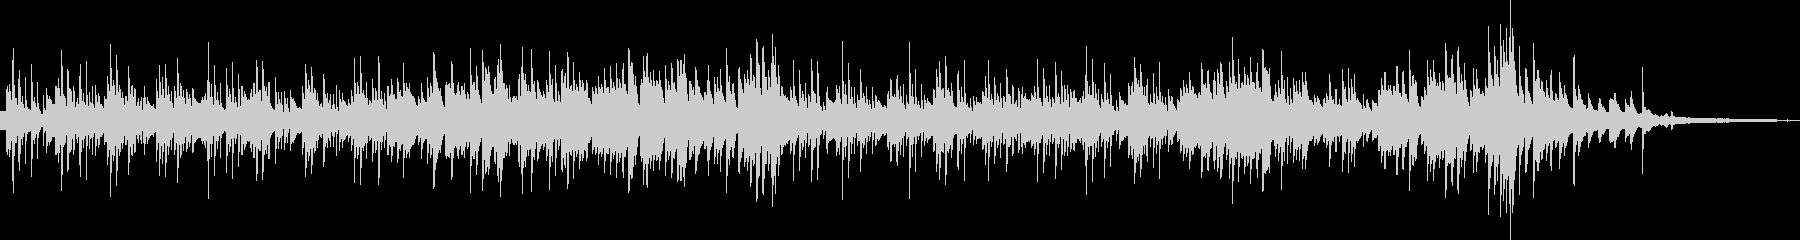 語りかけるピアノソロ(単調に・寂しげ)の未再生の波形